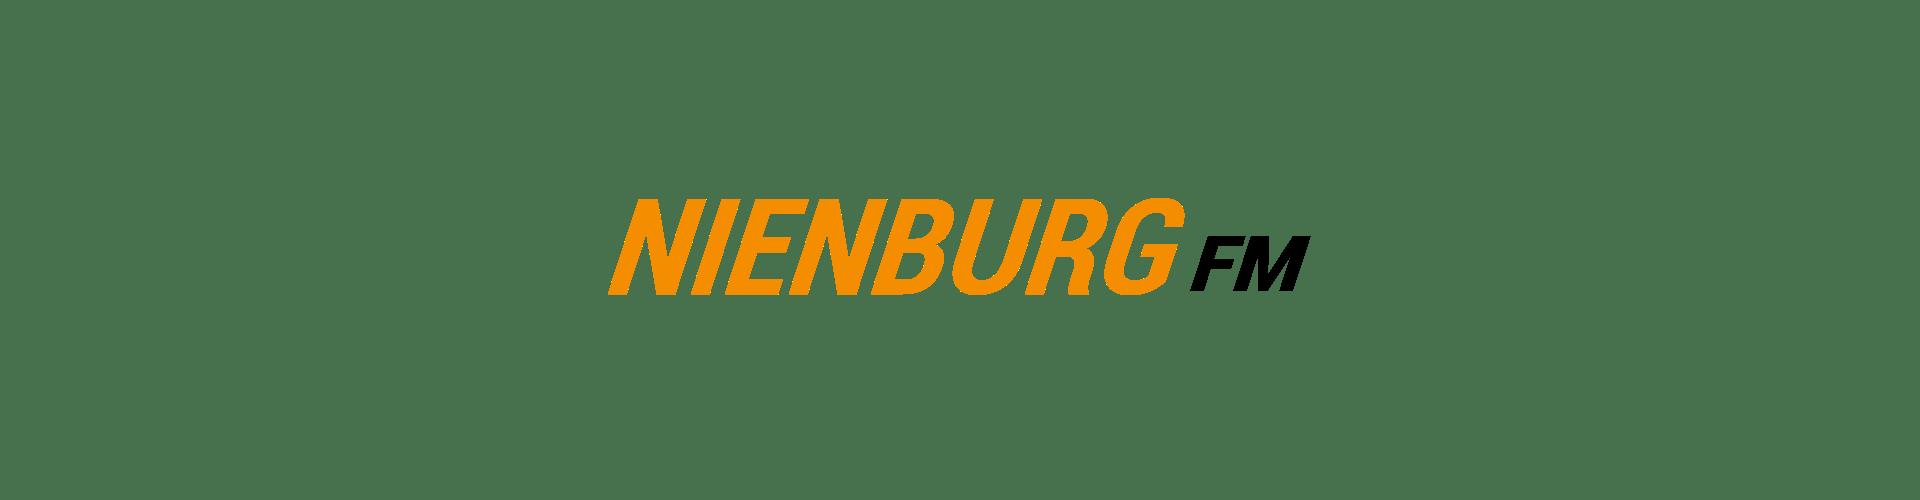 Nienburg FM